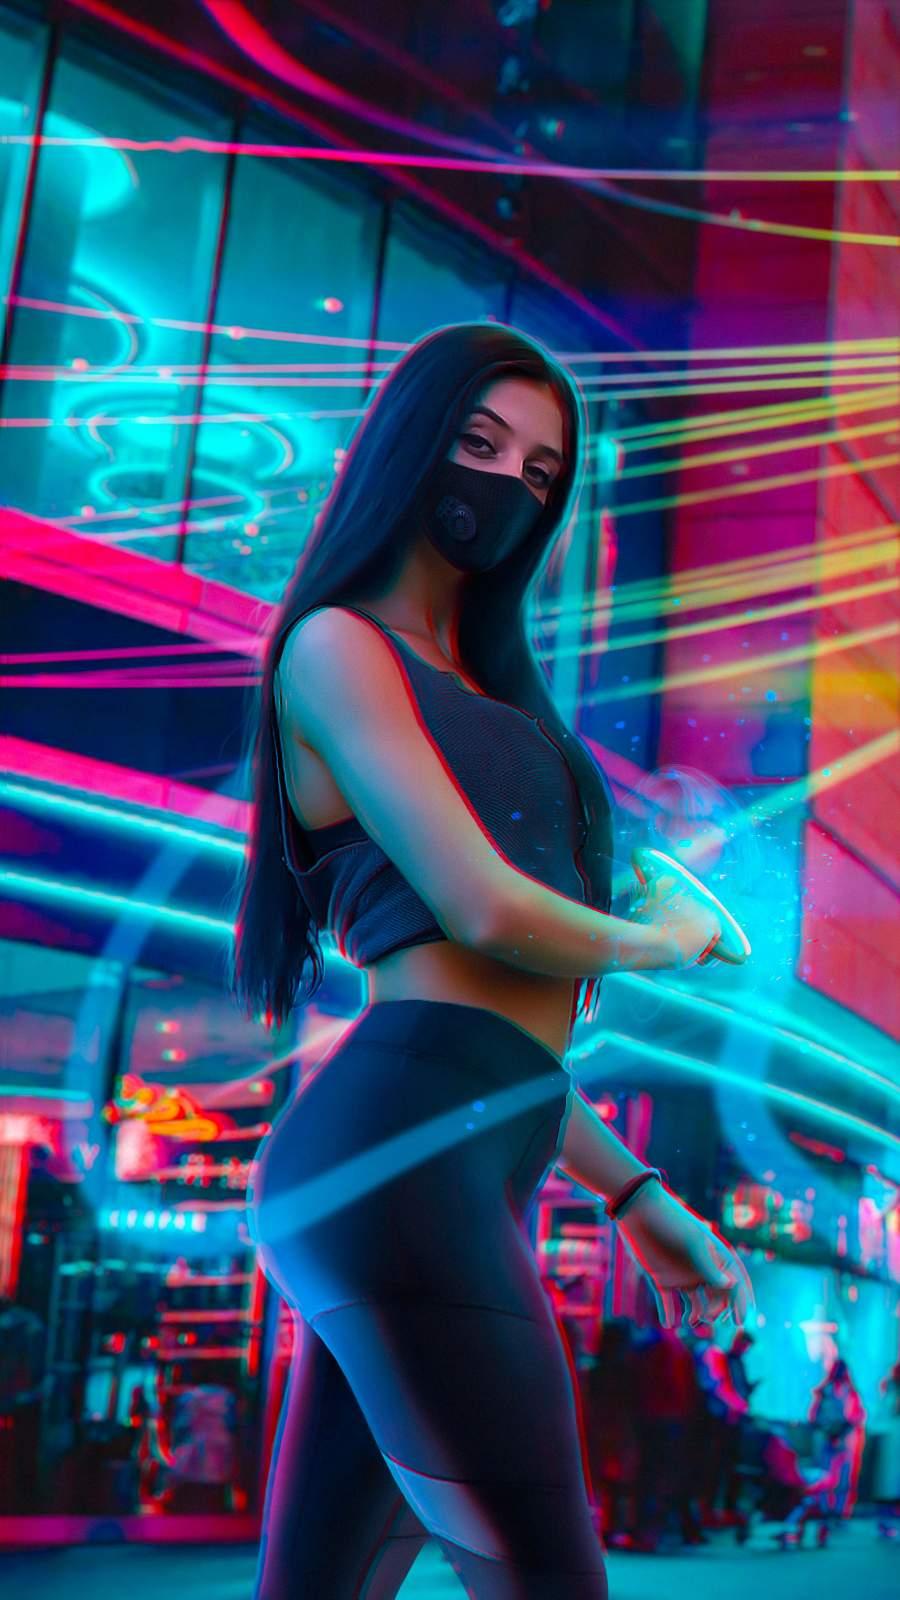 Mask Girl Amazing Body iPhone Wallpaper